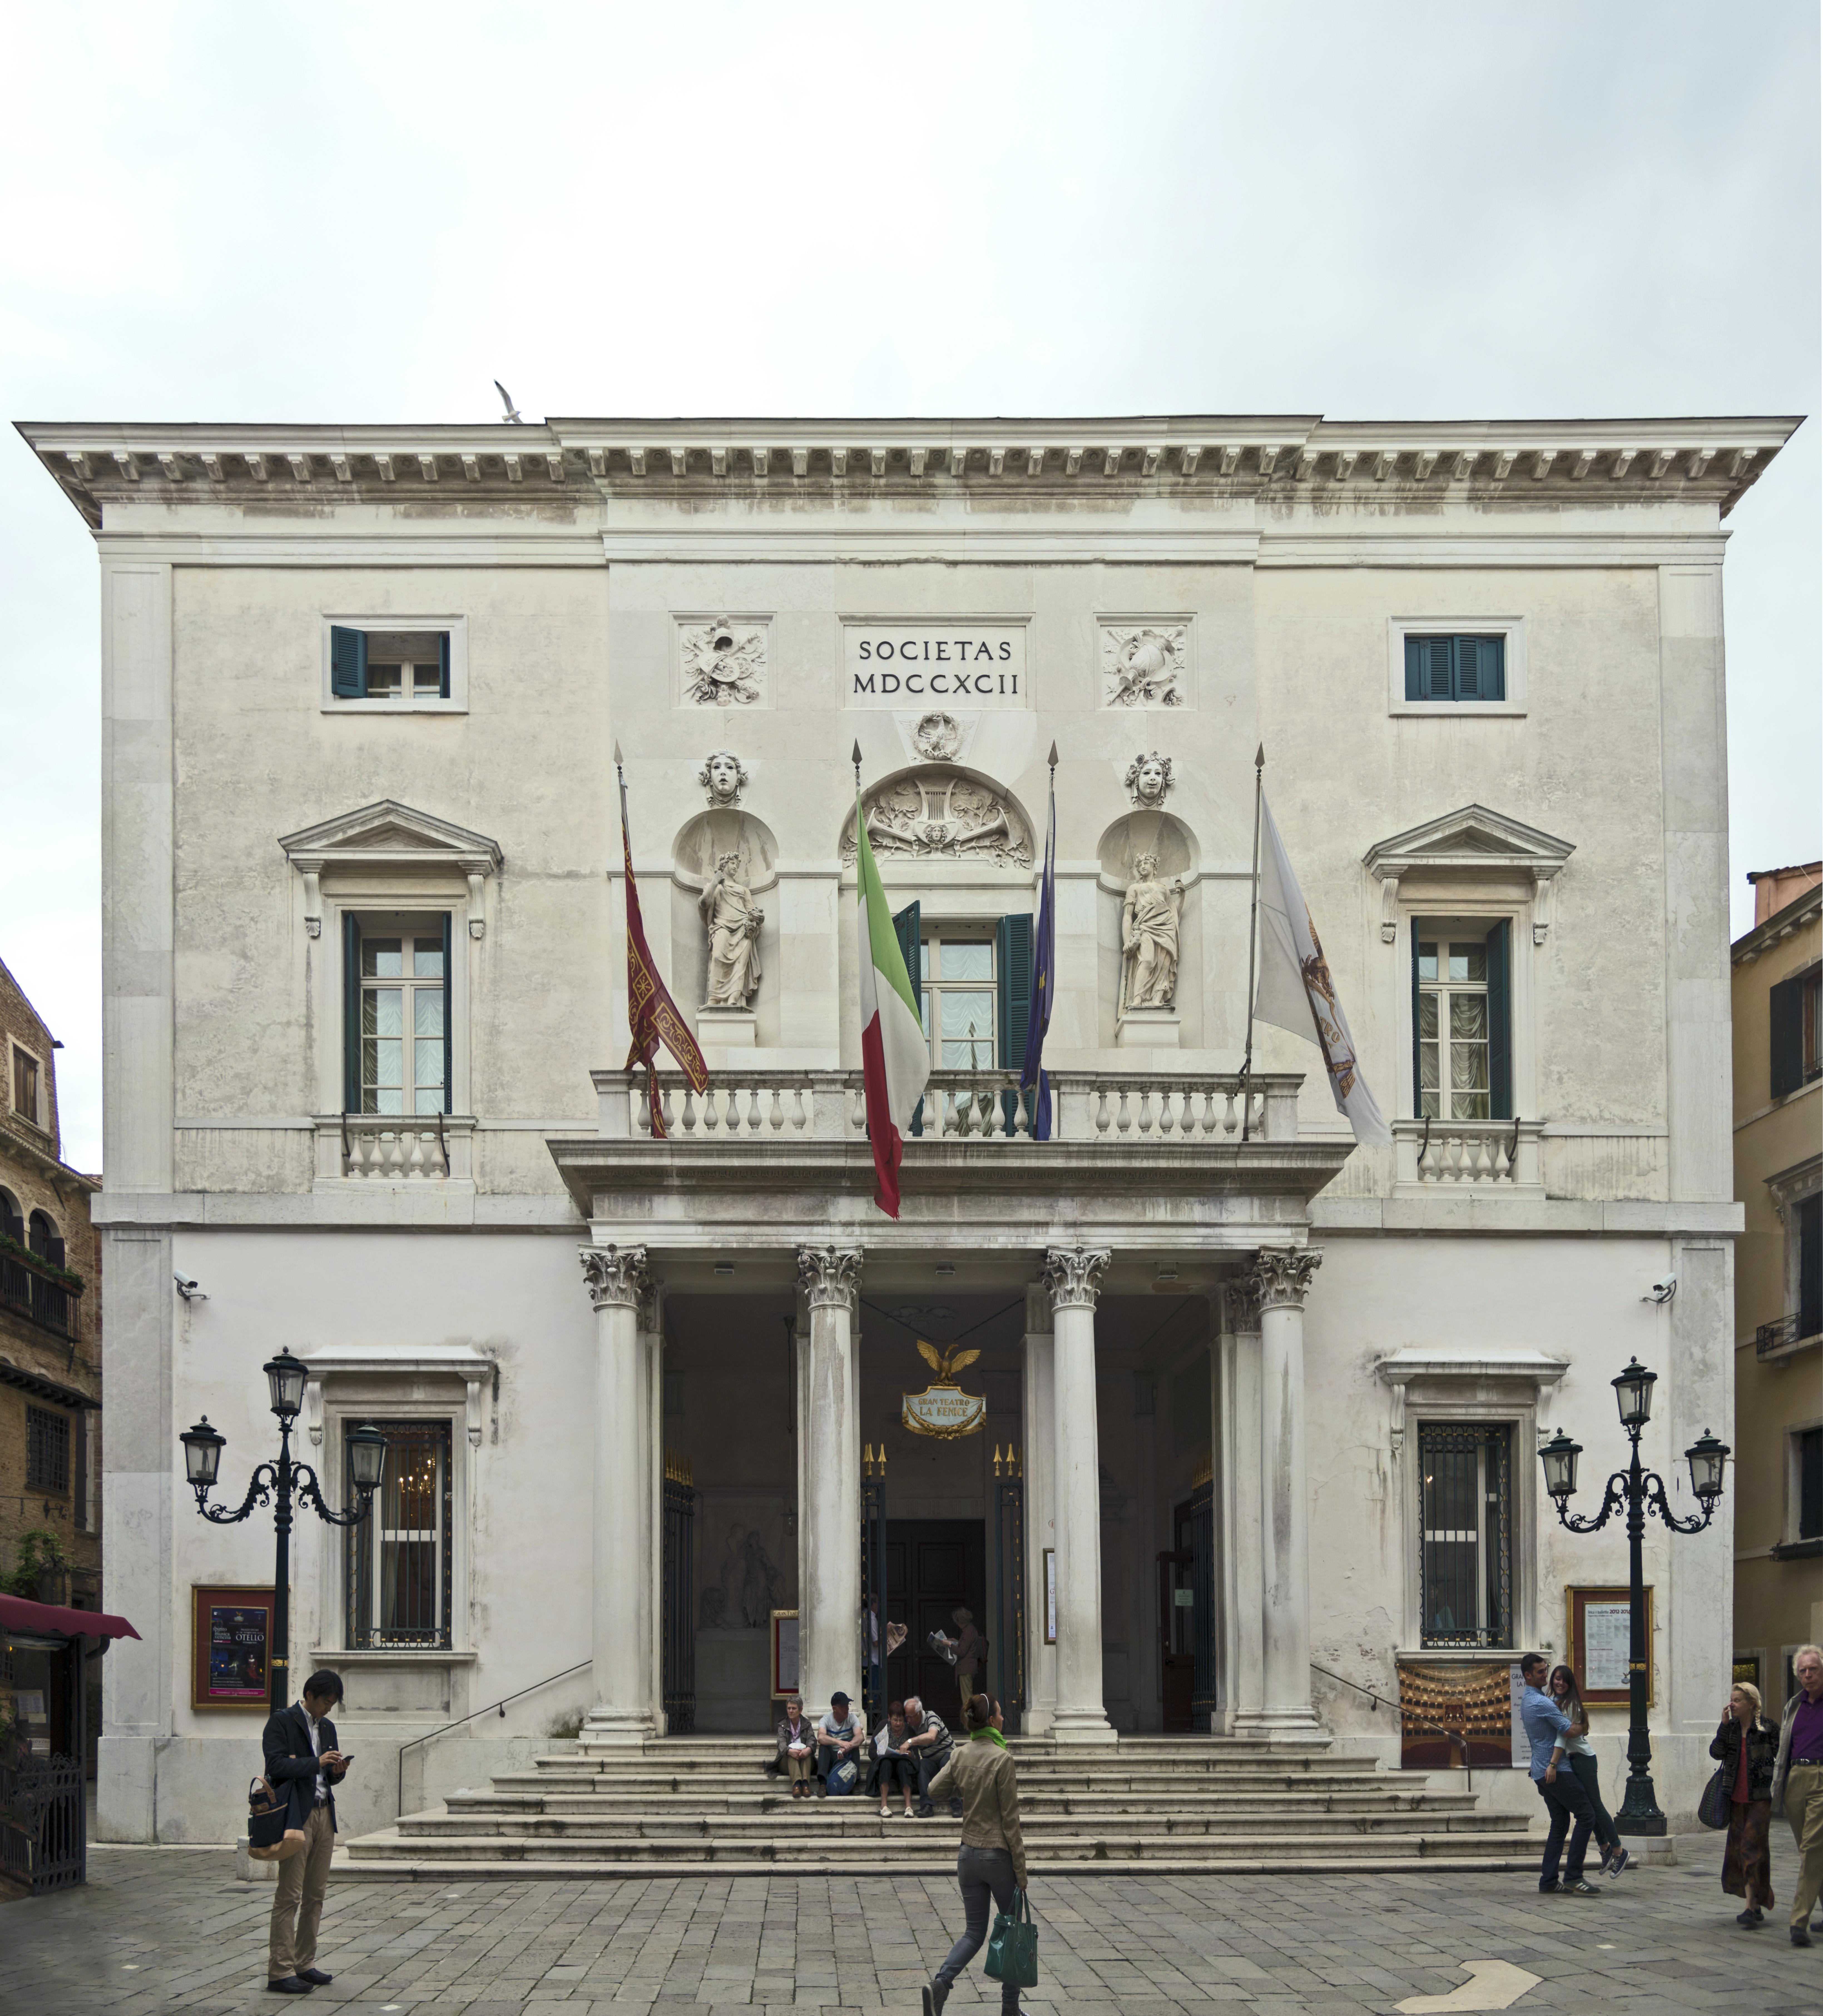 Teatro_La_Fenice_Facade